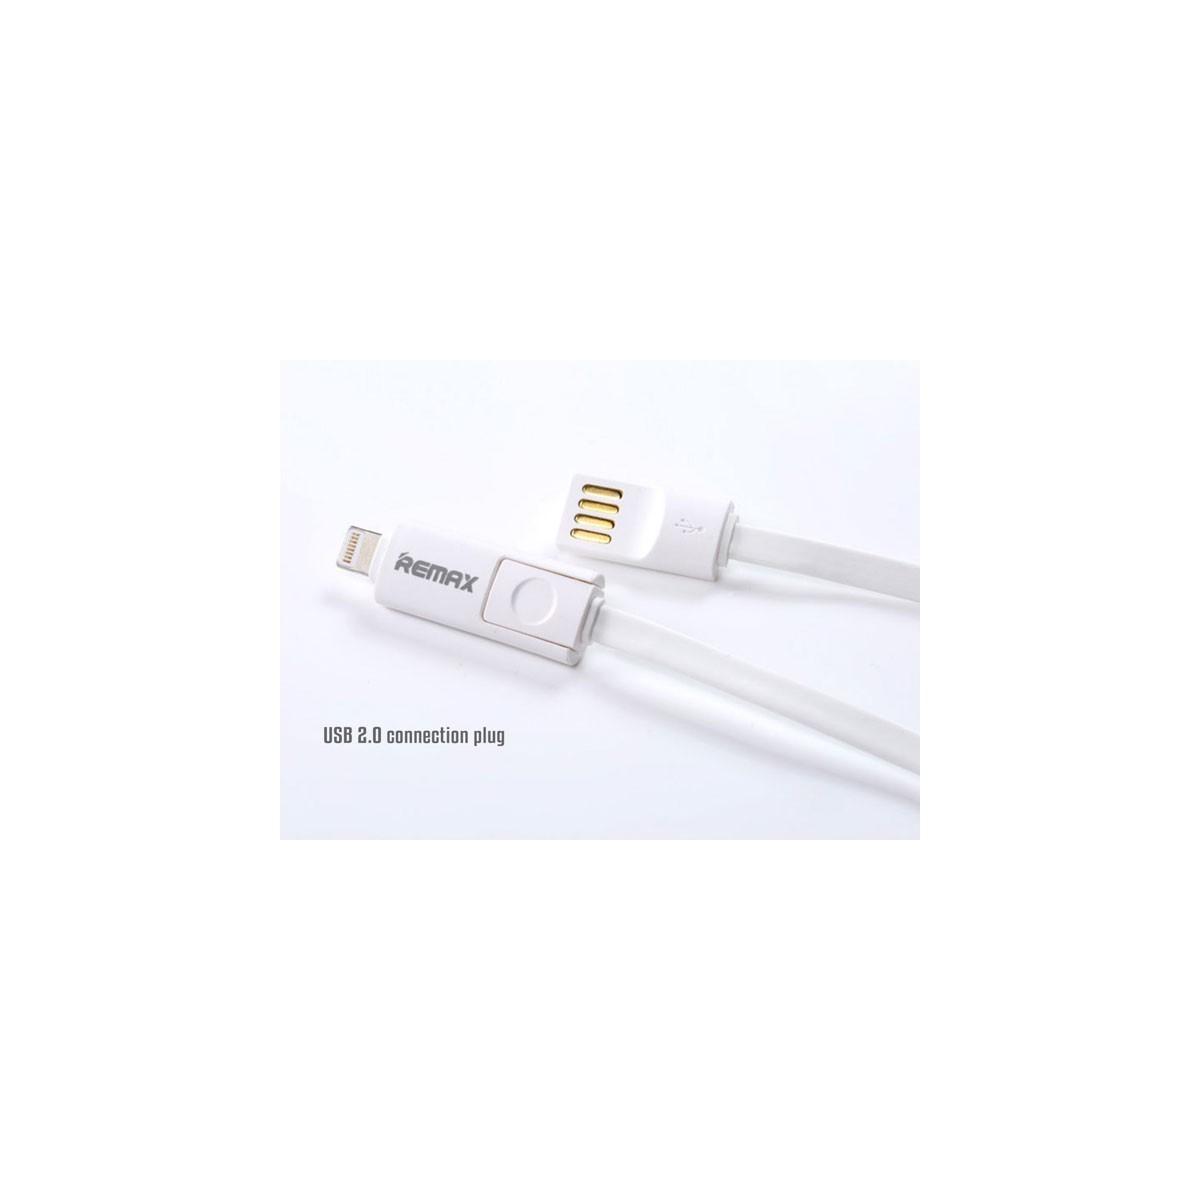 REMAX datový kabel 2 v 1 , Micro USB + lighting iPhon 5/6 1,2 m dlouhý, bílá barva Univerzal (AA-1043)